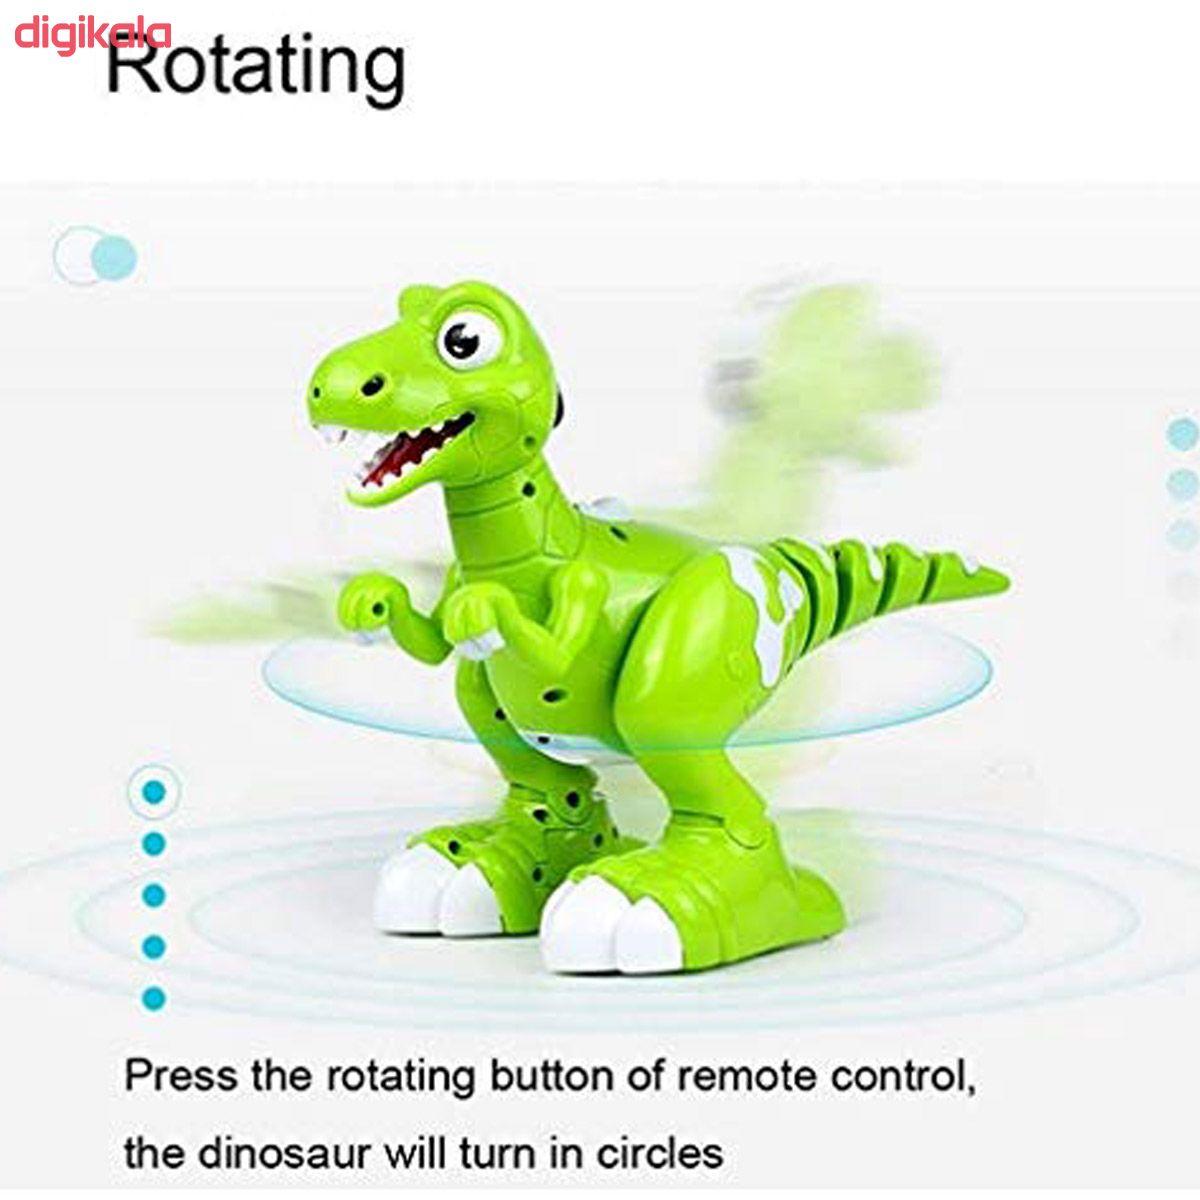 اسباب بازی طرح ربات مدل دایناسور کد 1011 main 1 6